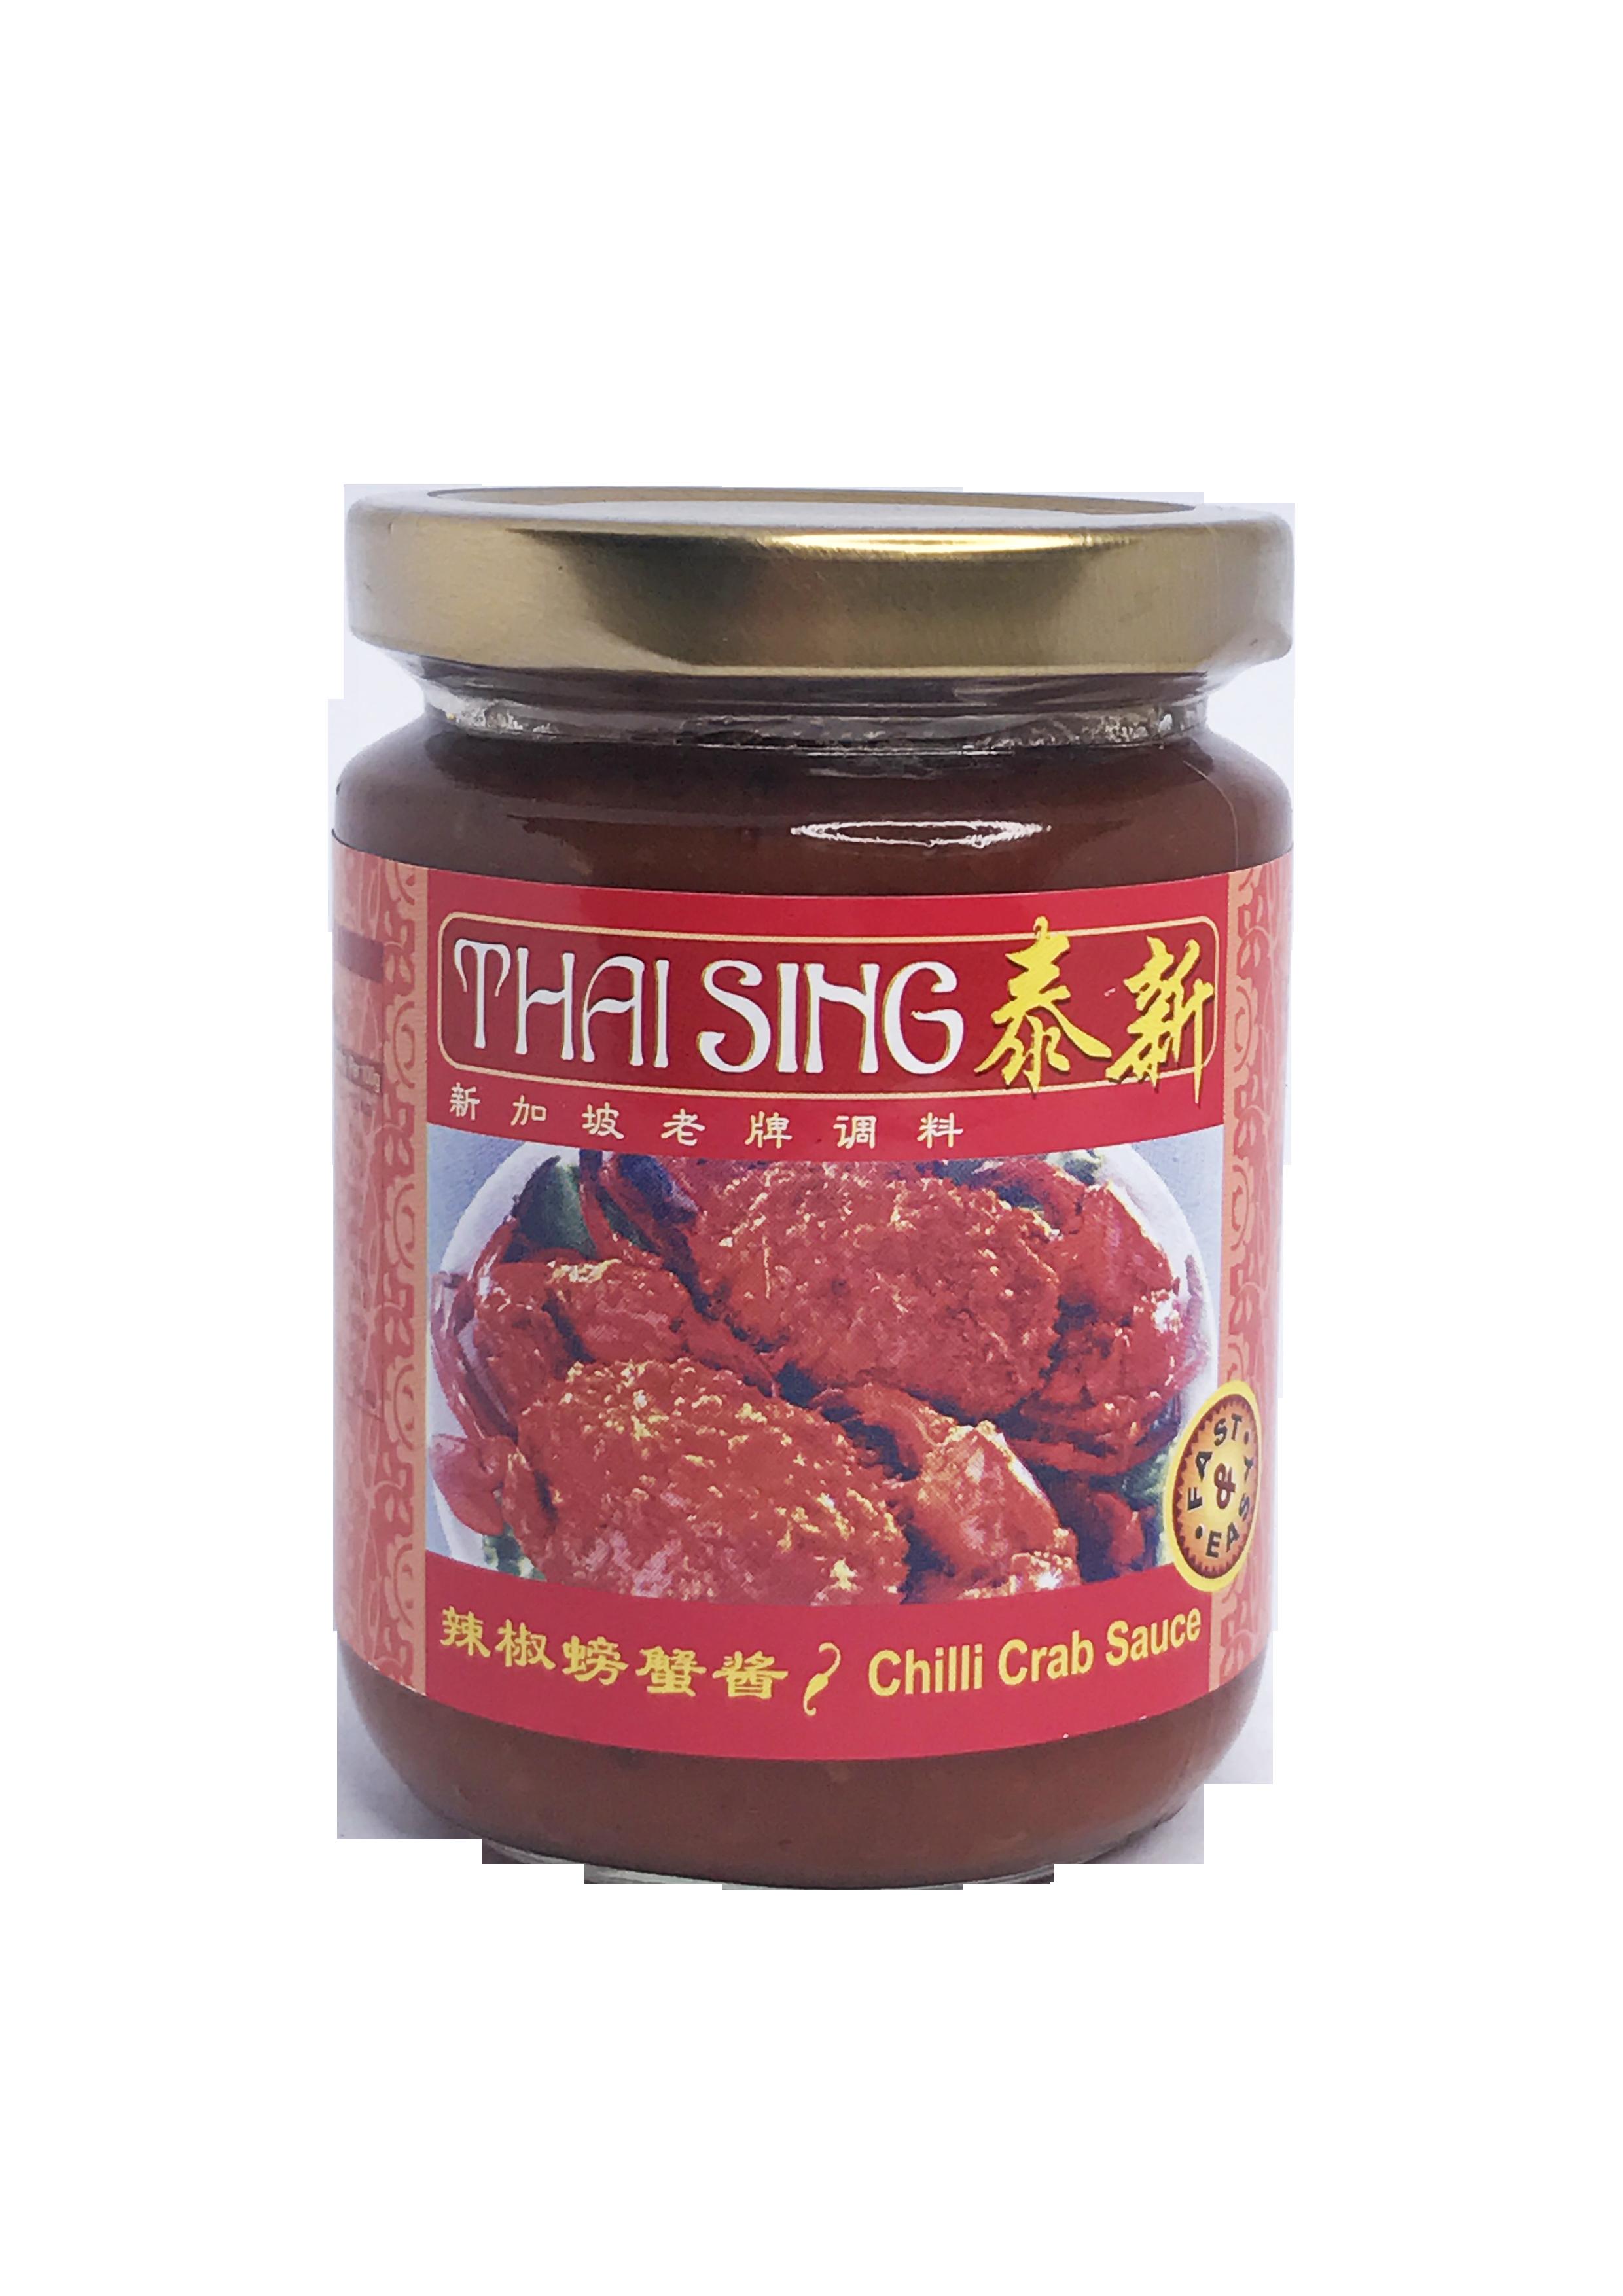 Chili Crab Sauce